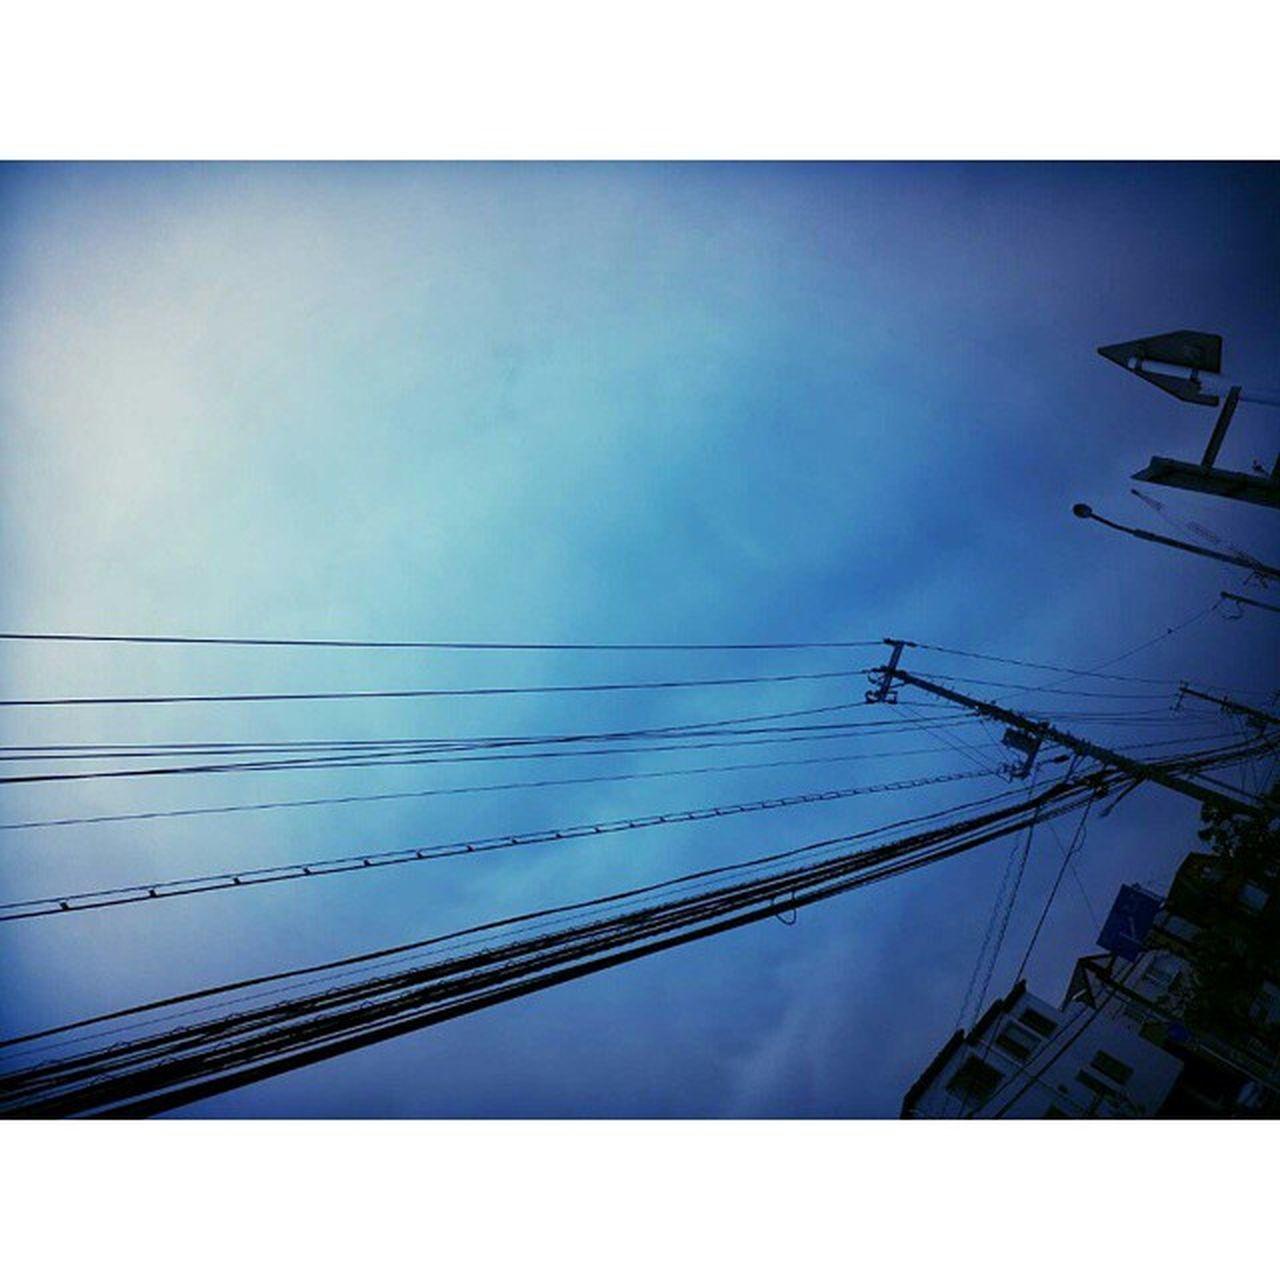 電柱 電線 英語でつぶやく It was a relaxing day.